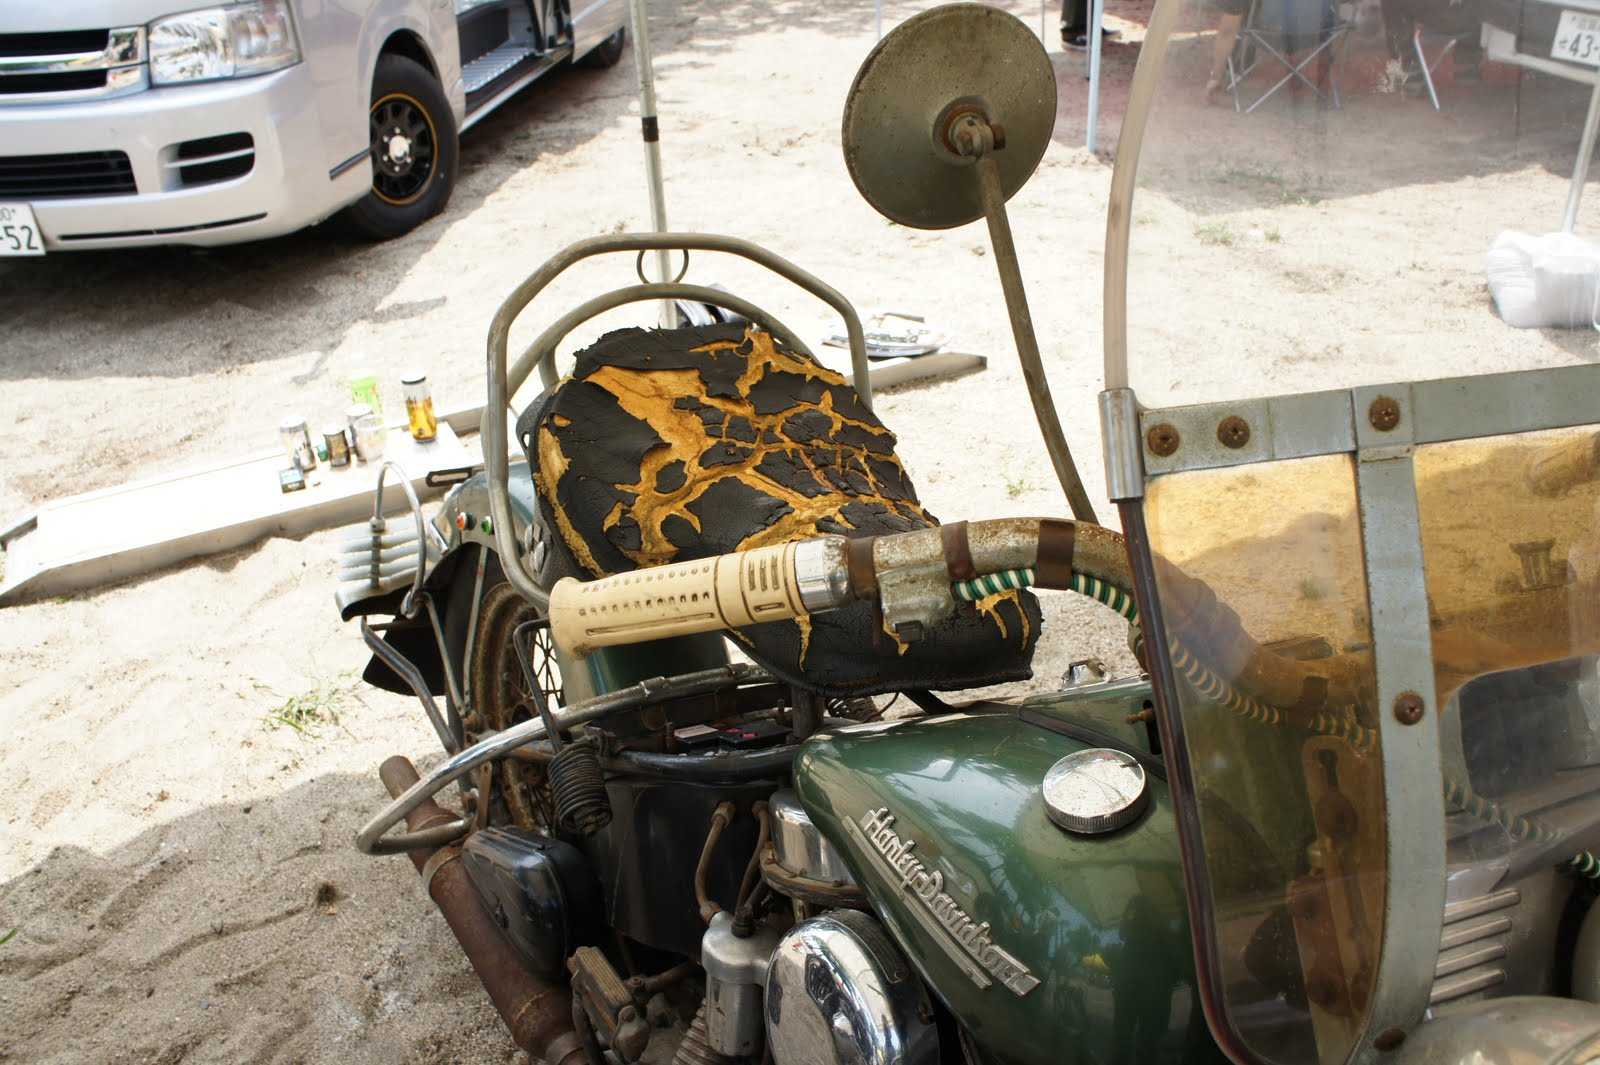 Les vieilles Harley....(ante 84) par Forum Passion-Harley - Page 6 204619DSC00367